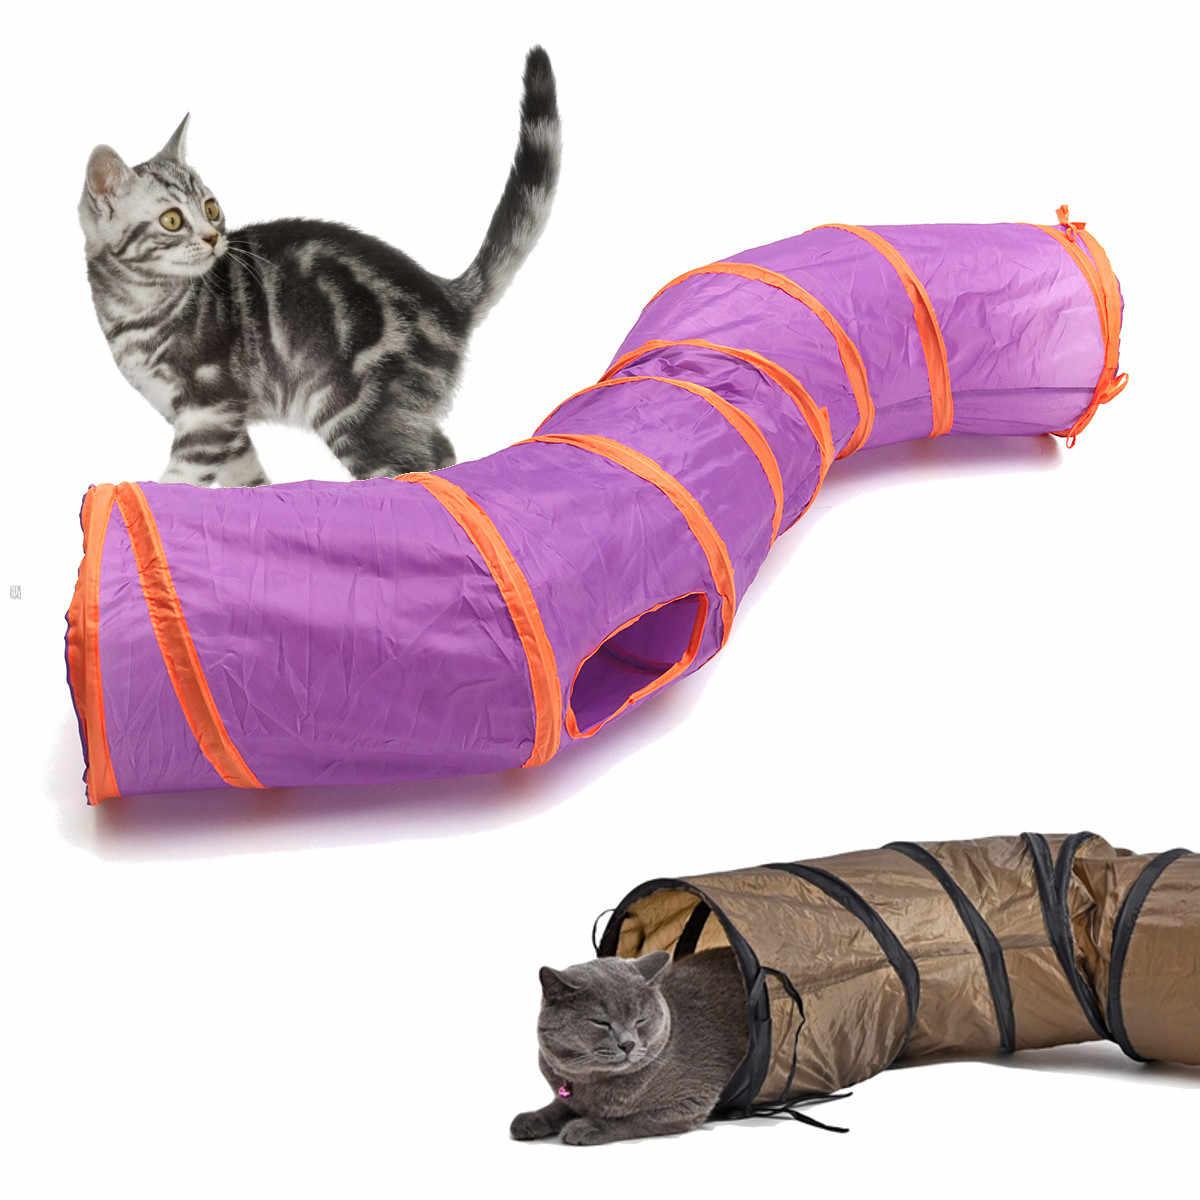 Домашняя забавная игрушка Складная S Форма туннель для кошек игровые трубки шарики Crinkle дизайн дома игрушки Щенок кролик играть собака Туннель трубы